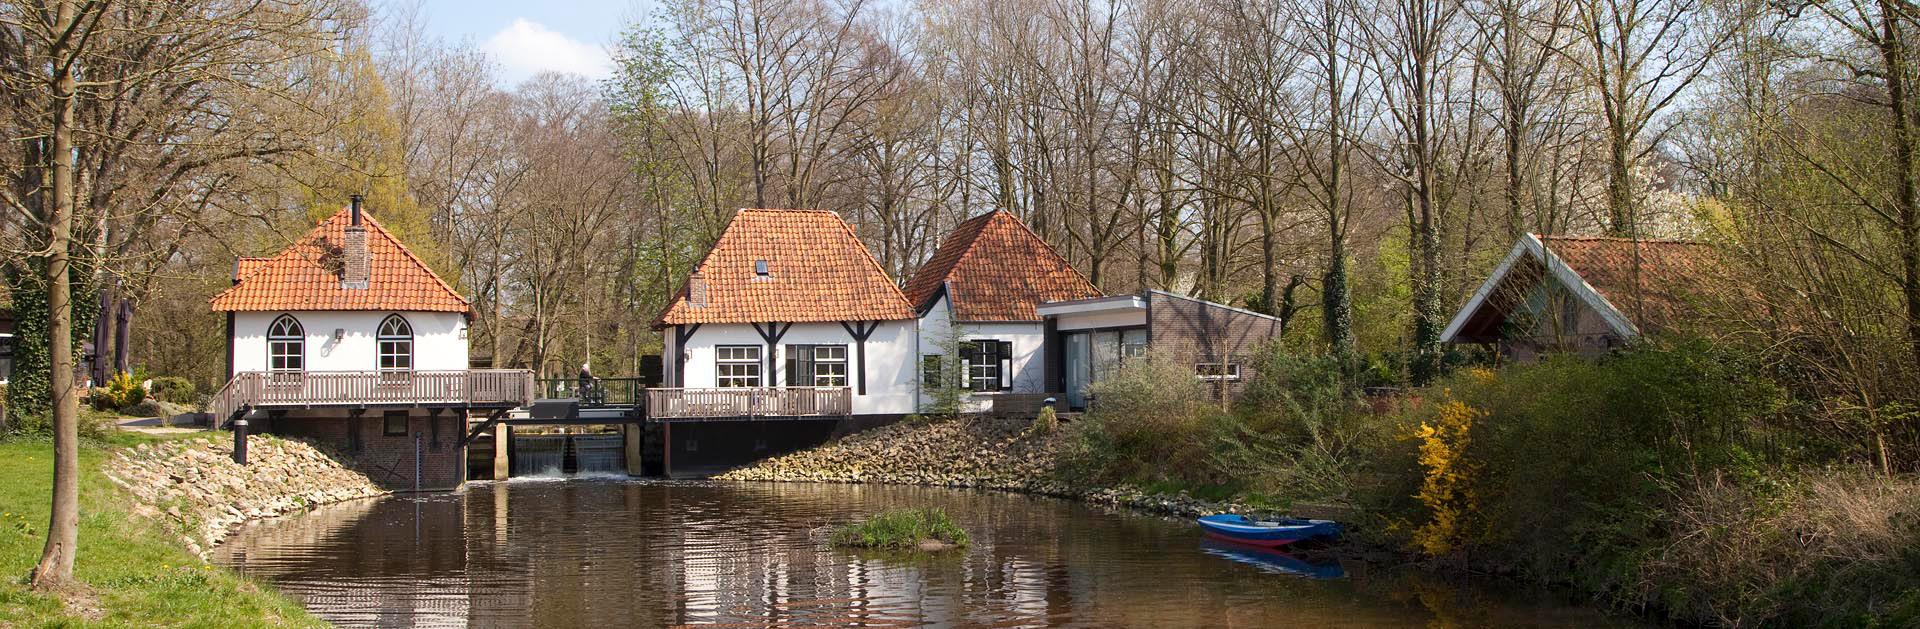 Watermolen Den Helder - Winterswijk Regio Achterhoek - Liemers